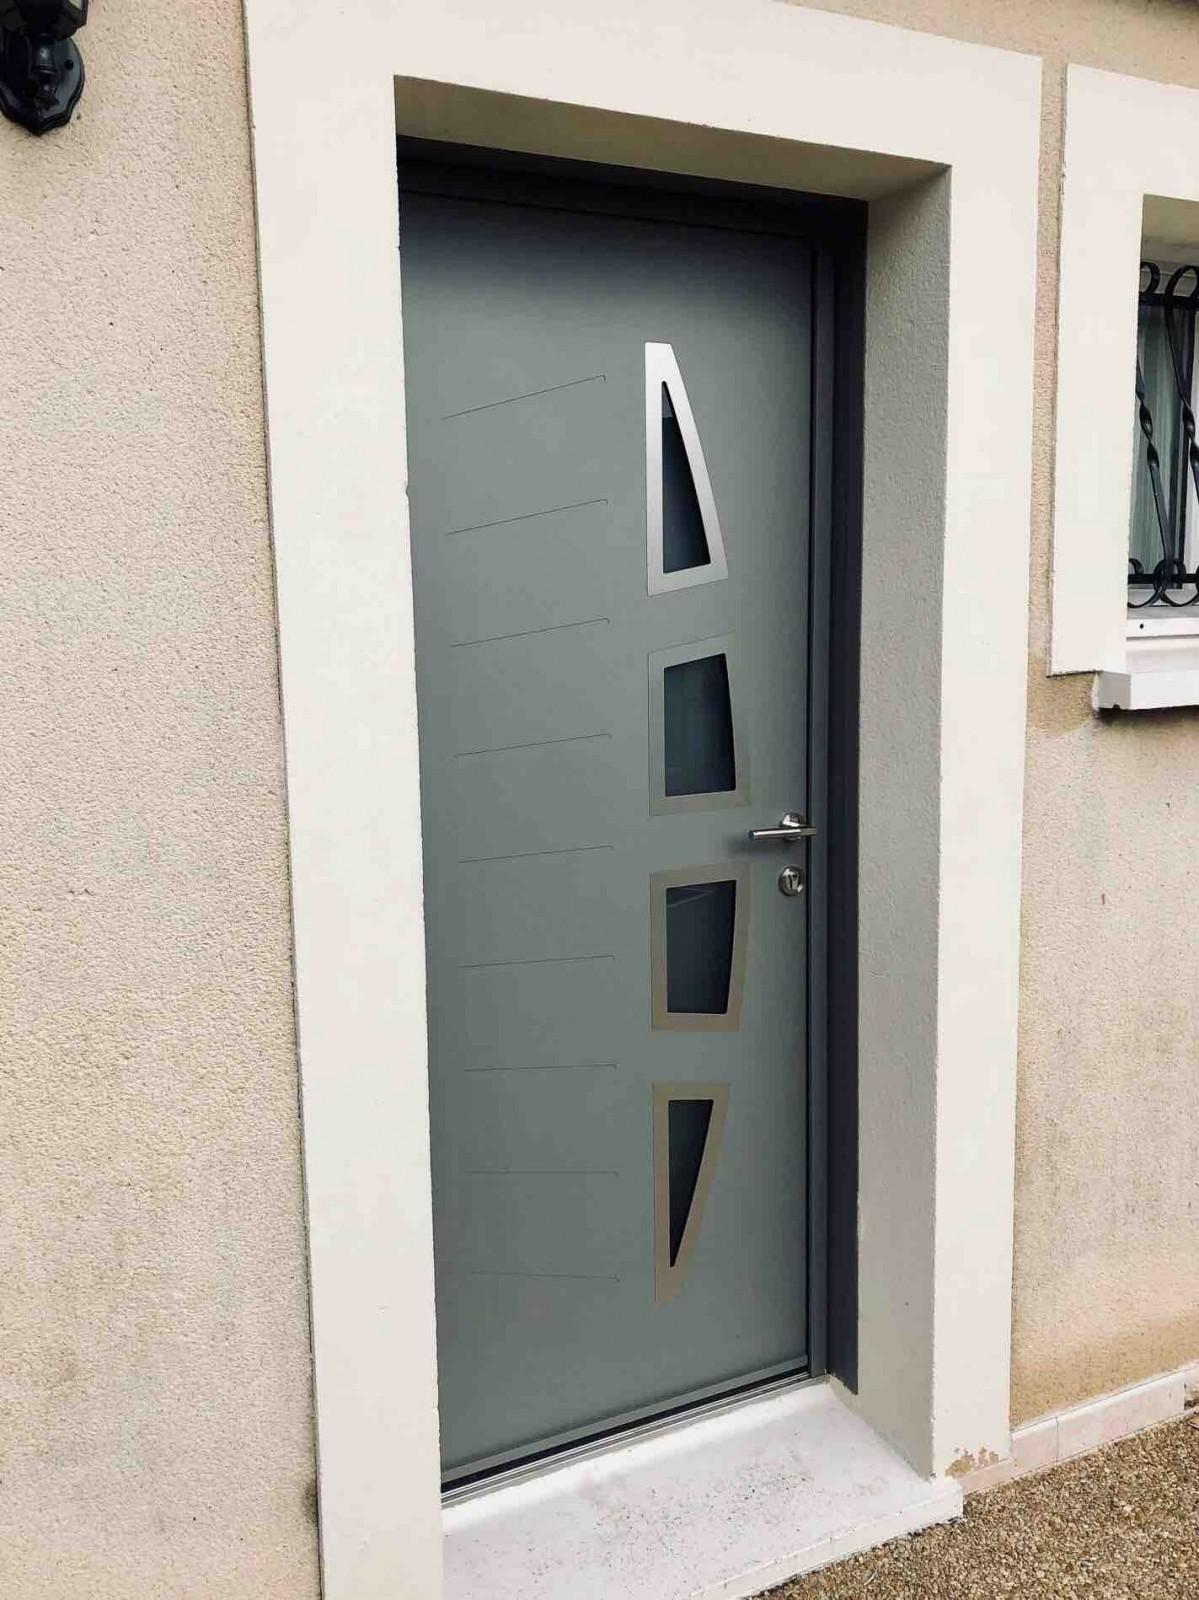 Porte D 39 Entr E Design S Curis E K Line Sur Carry Le Rouet